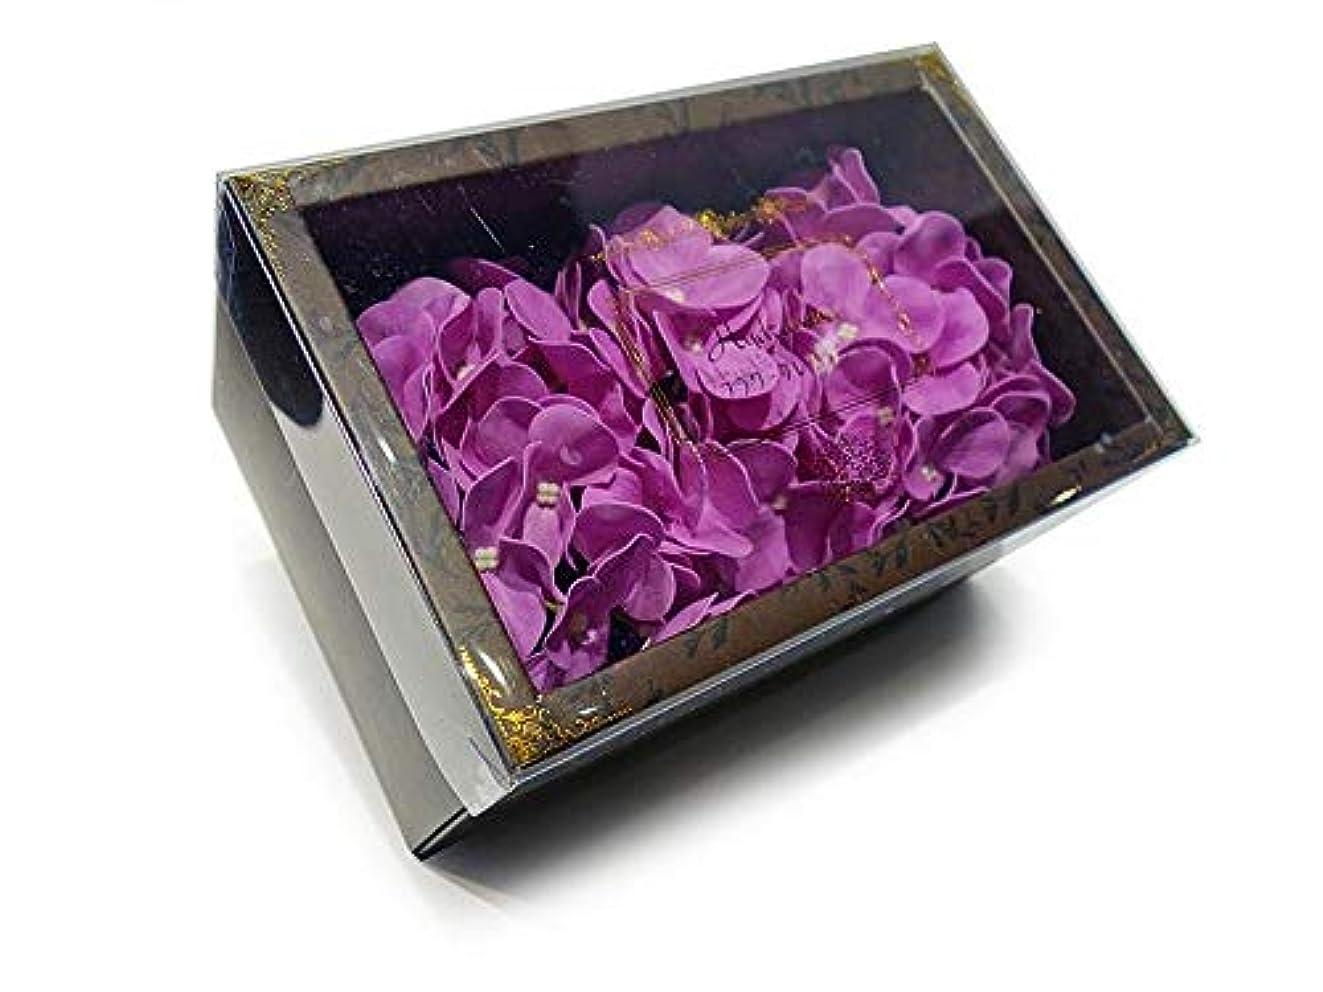 クレジットフラスコマーキー花のカタチの入浴剤 アジサイ バスフレグランス フラワーフレグランス バスフラワー (パープル)